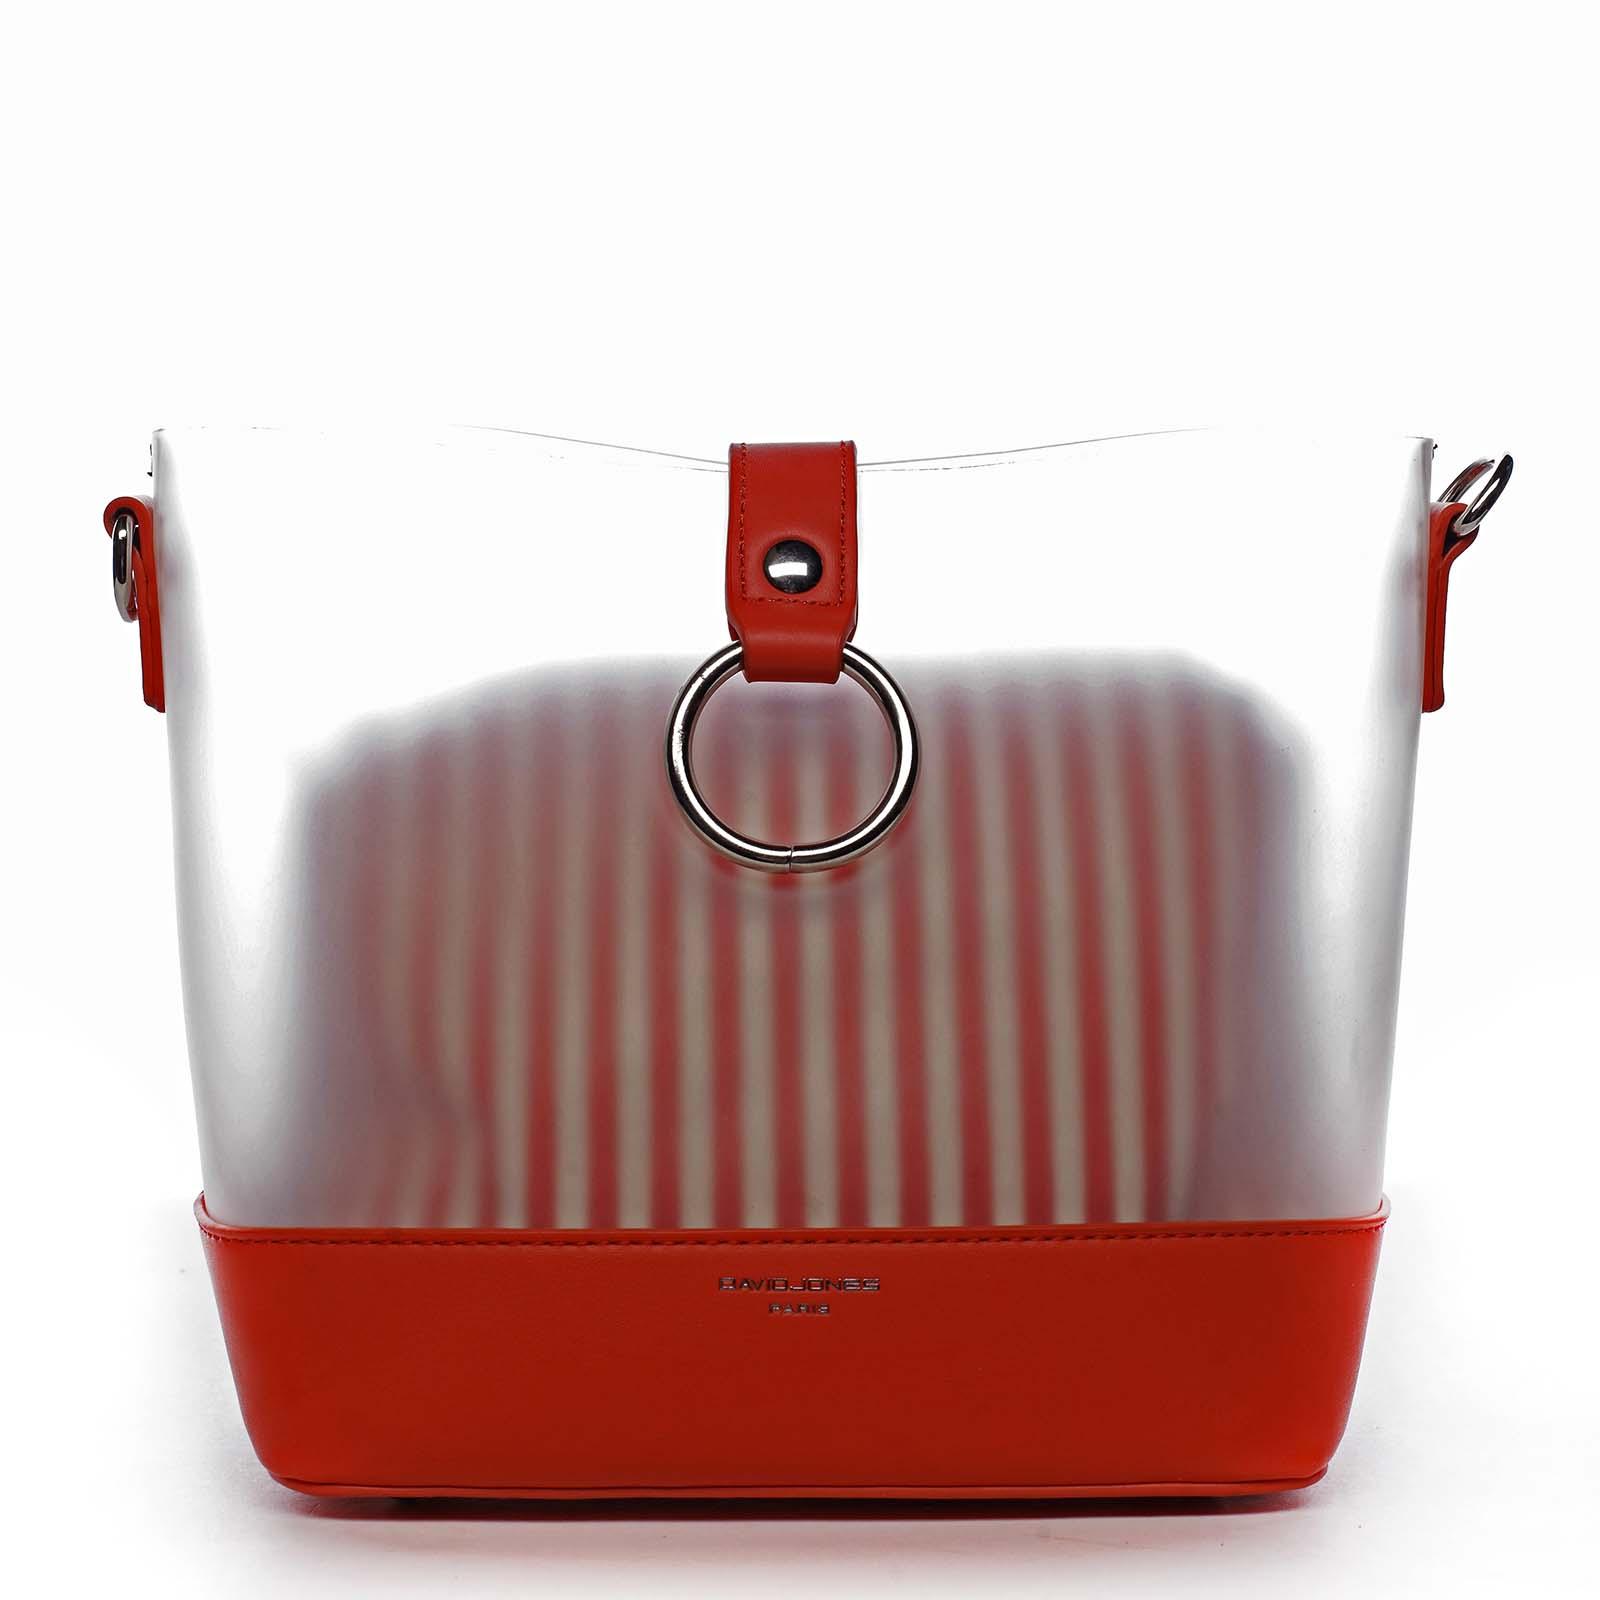 Originální dámská crossbody kabelka červená - David Jones Crazy